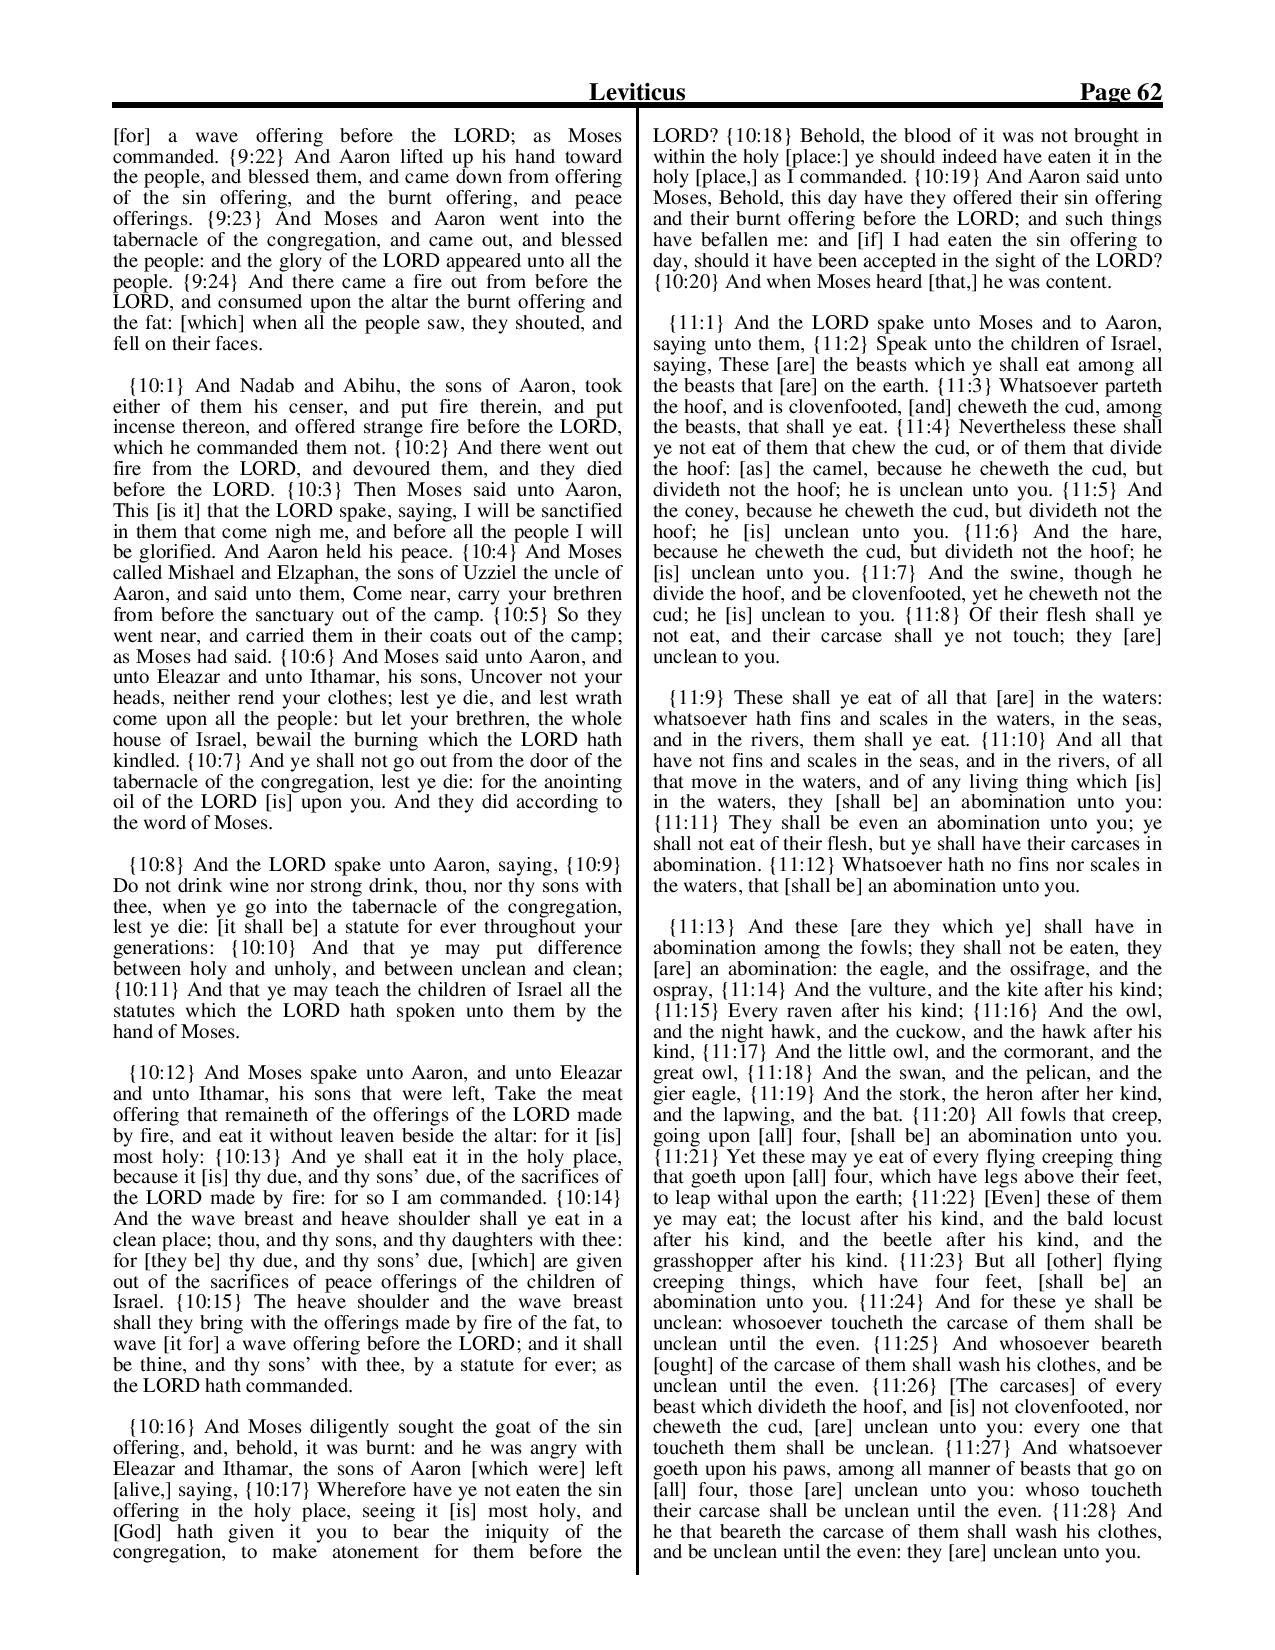 King-James-Bible-KJV-Bible-PDF-page-083